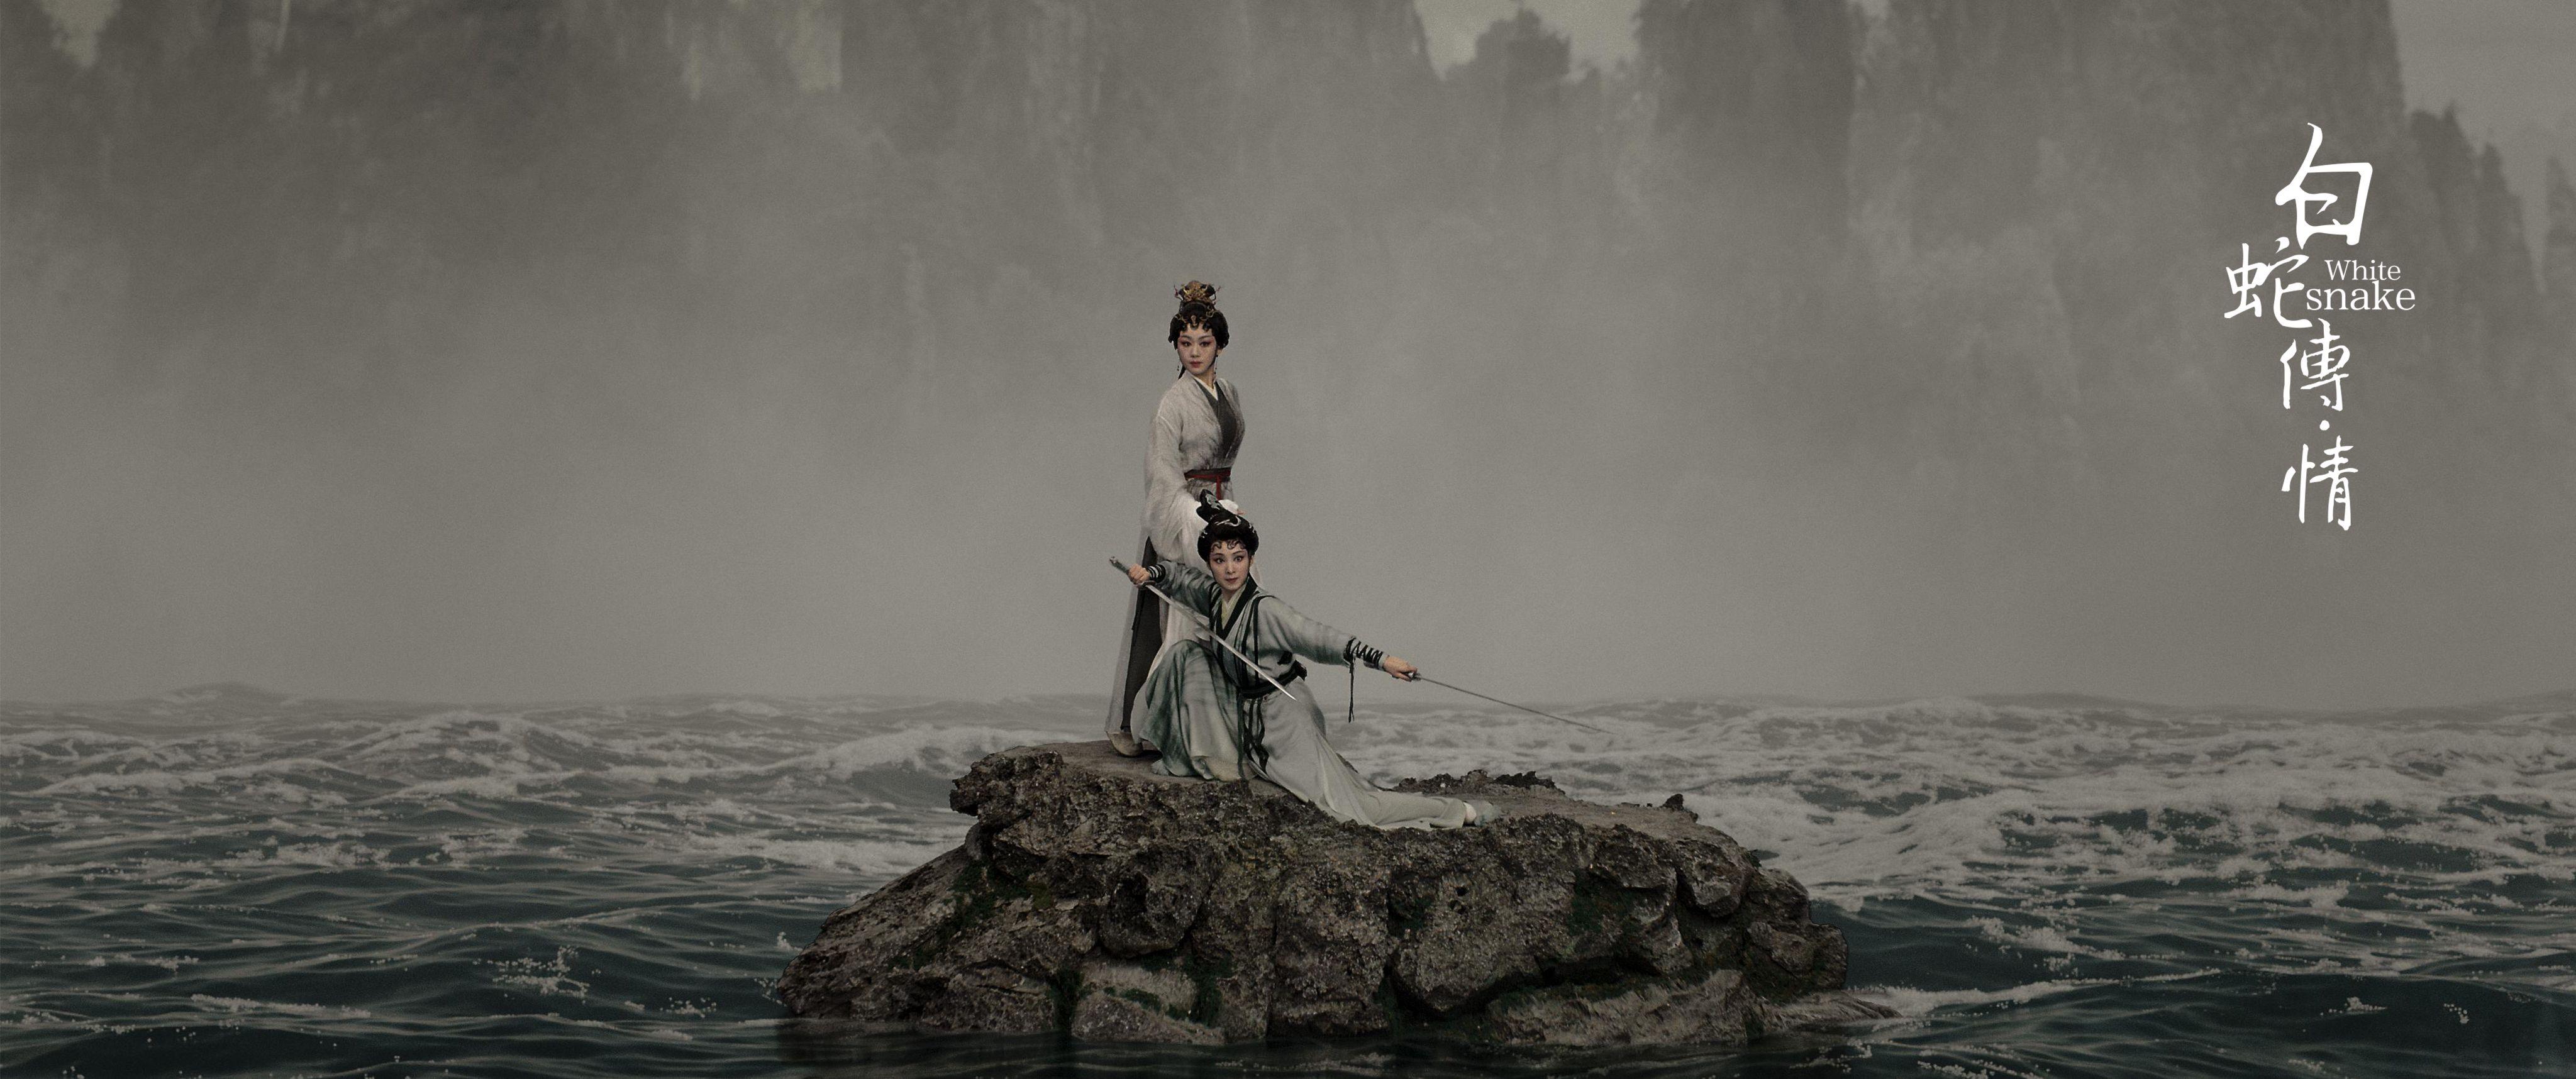 2021高分戏曲爱情《白蛇传·情》HD4K/1080P.粤语中字